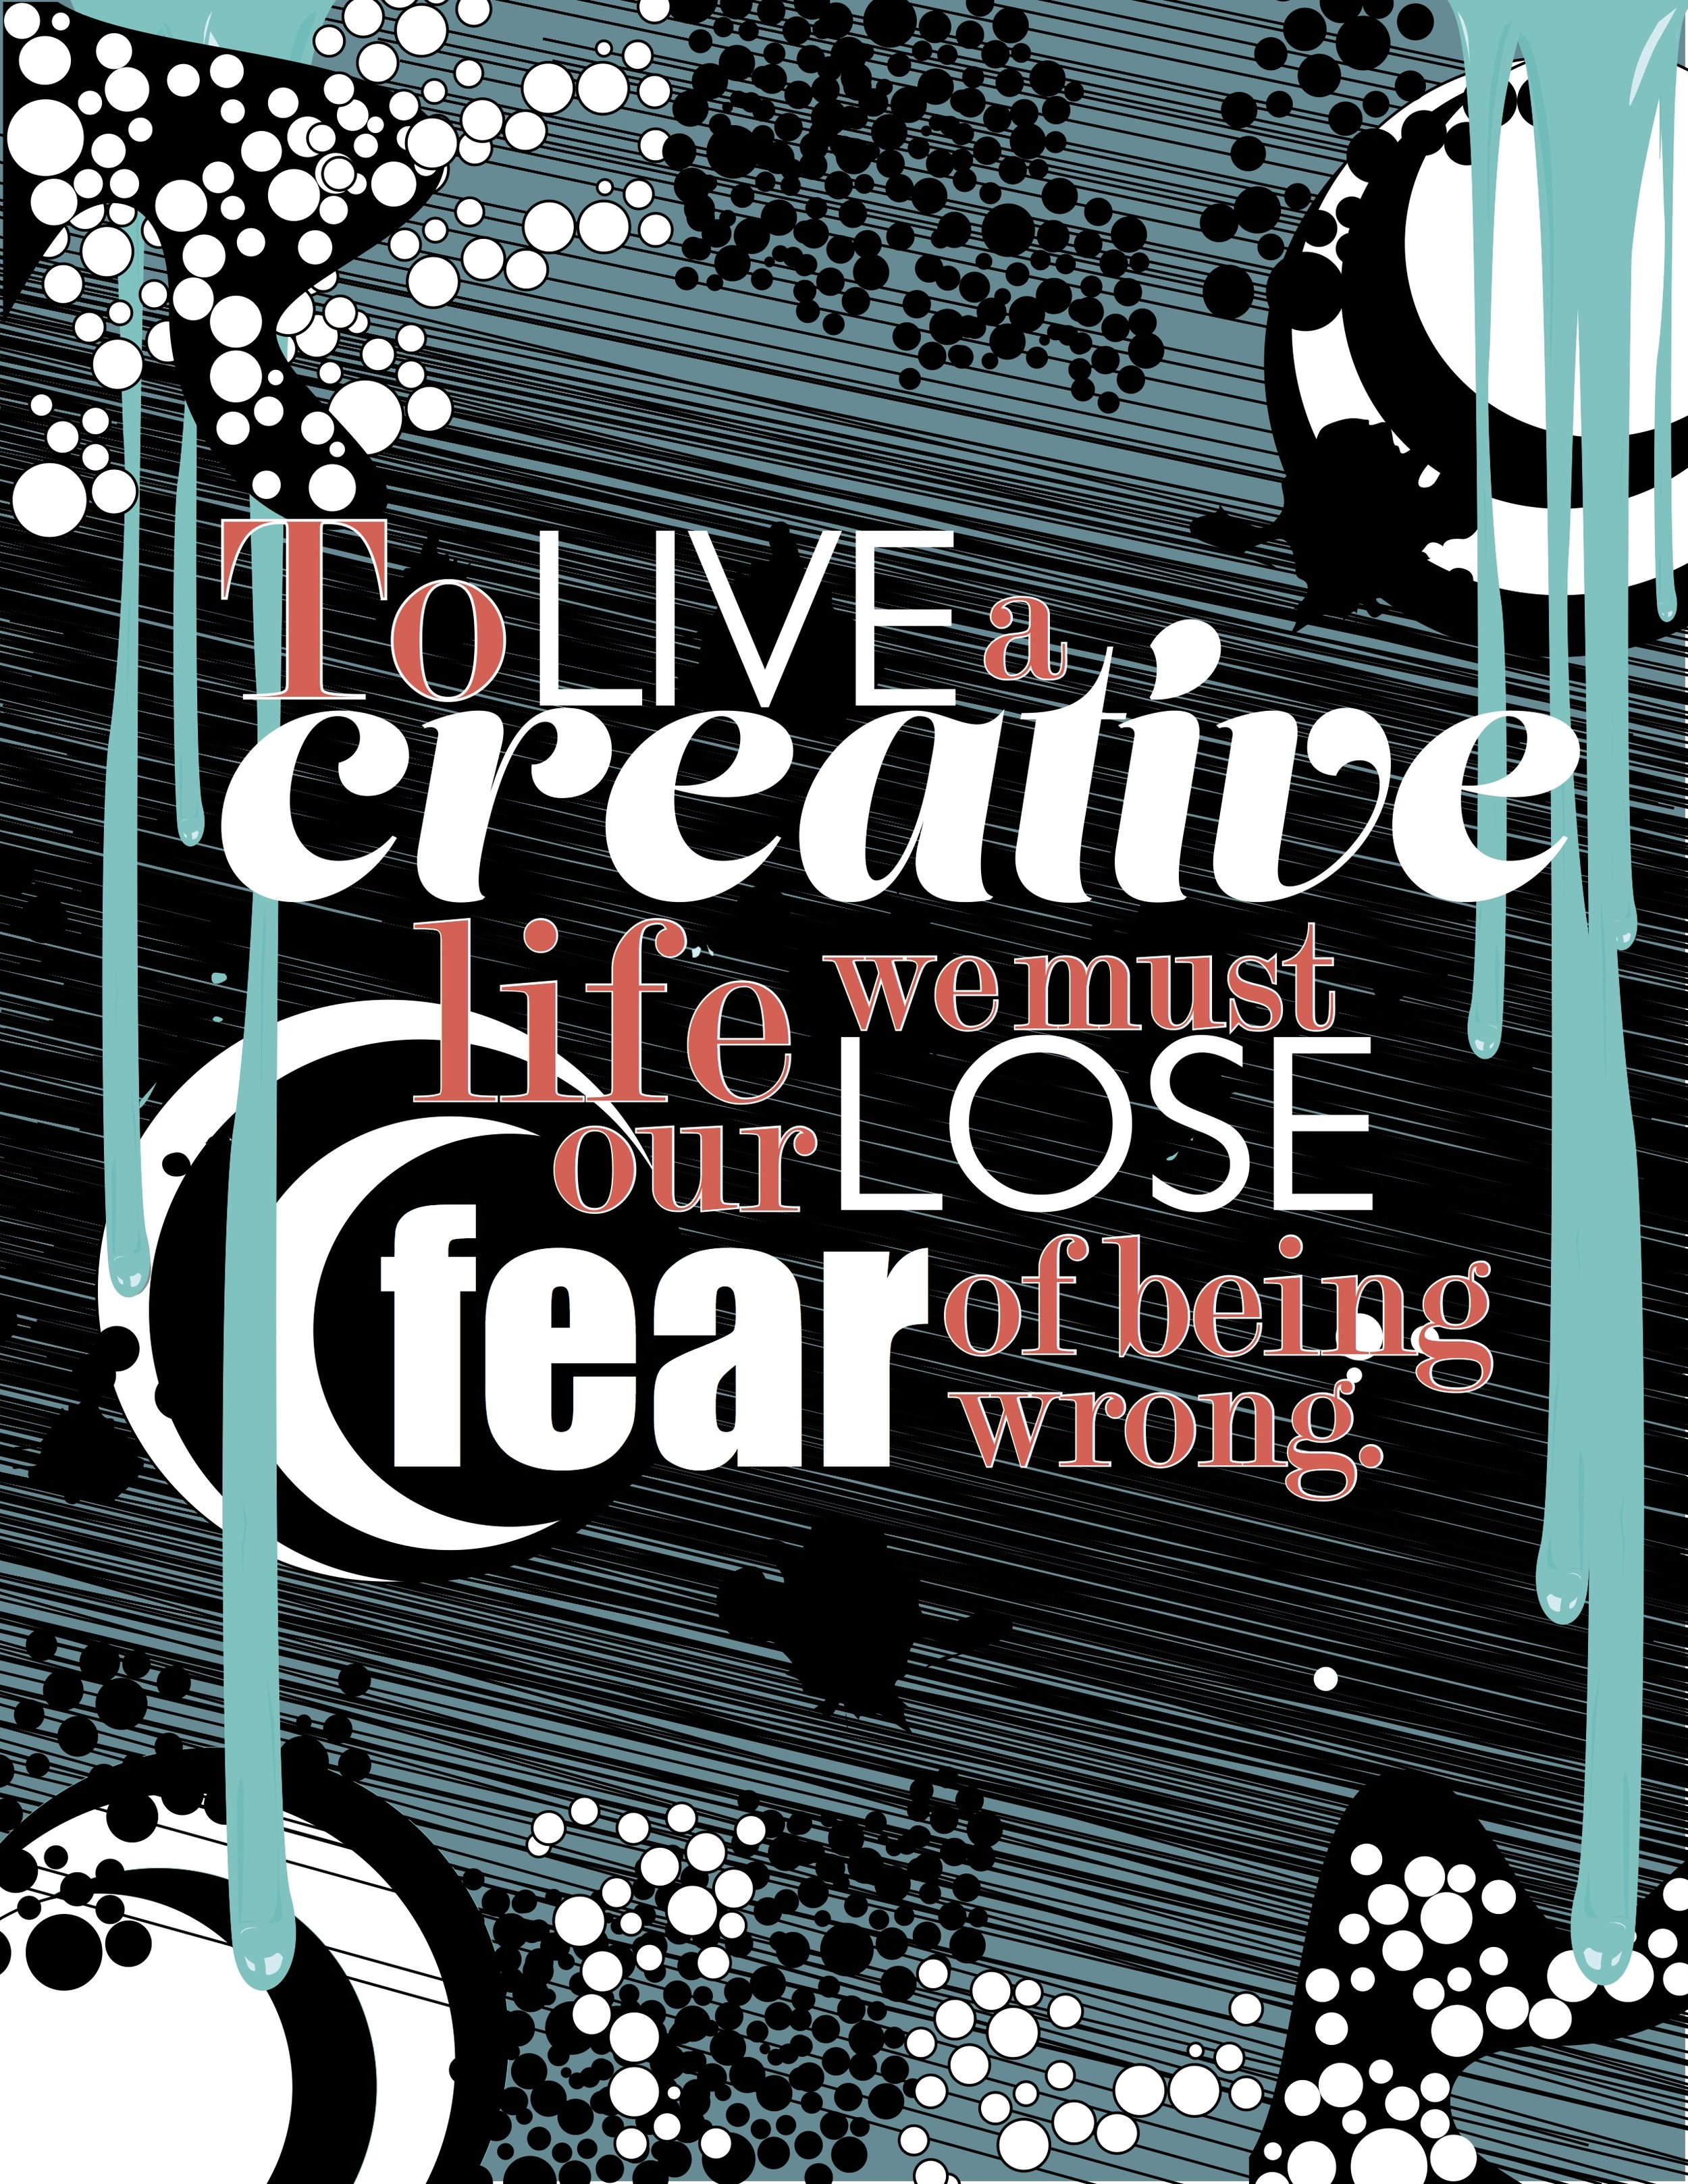 Creative 2-no initials.jpg